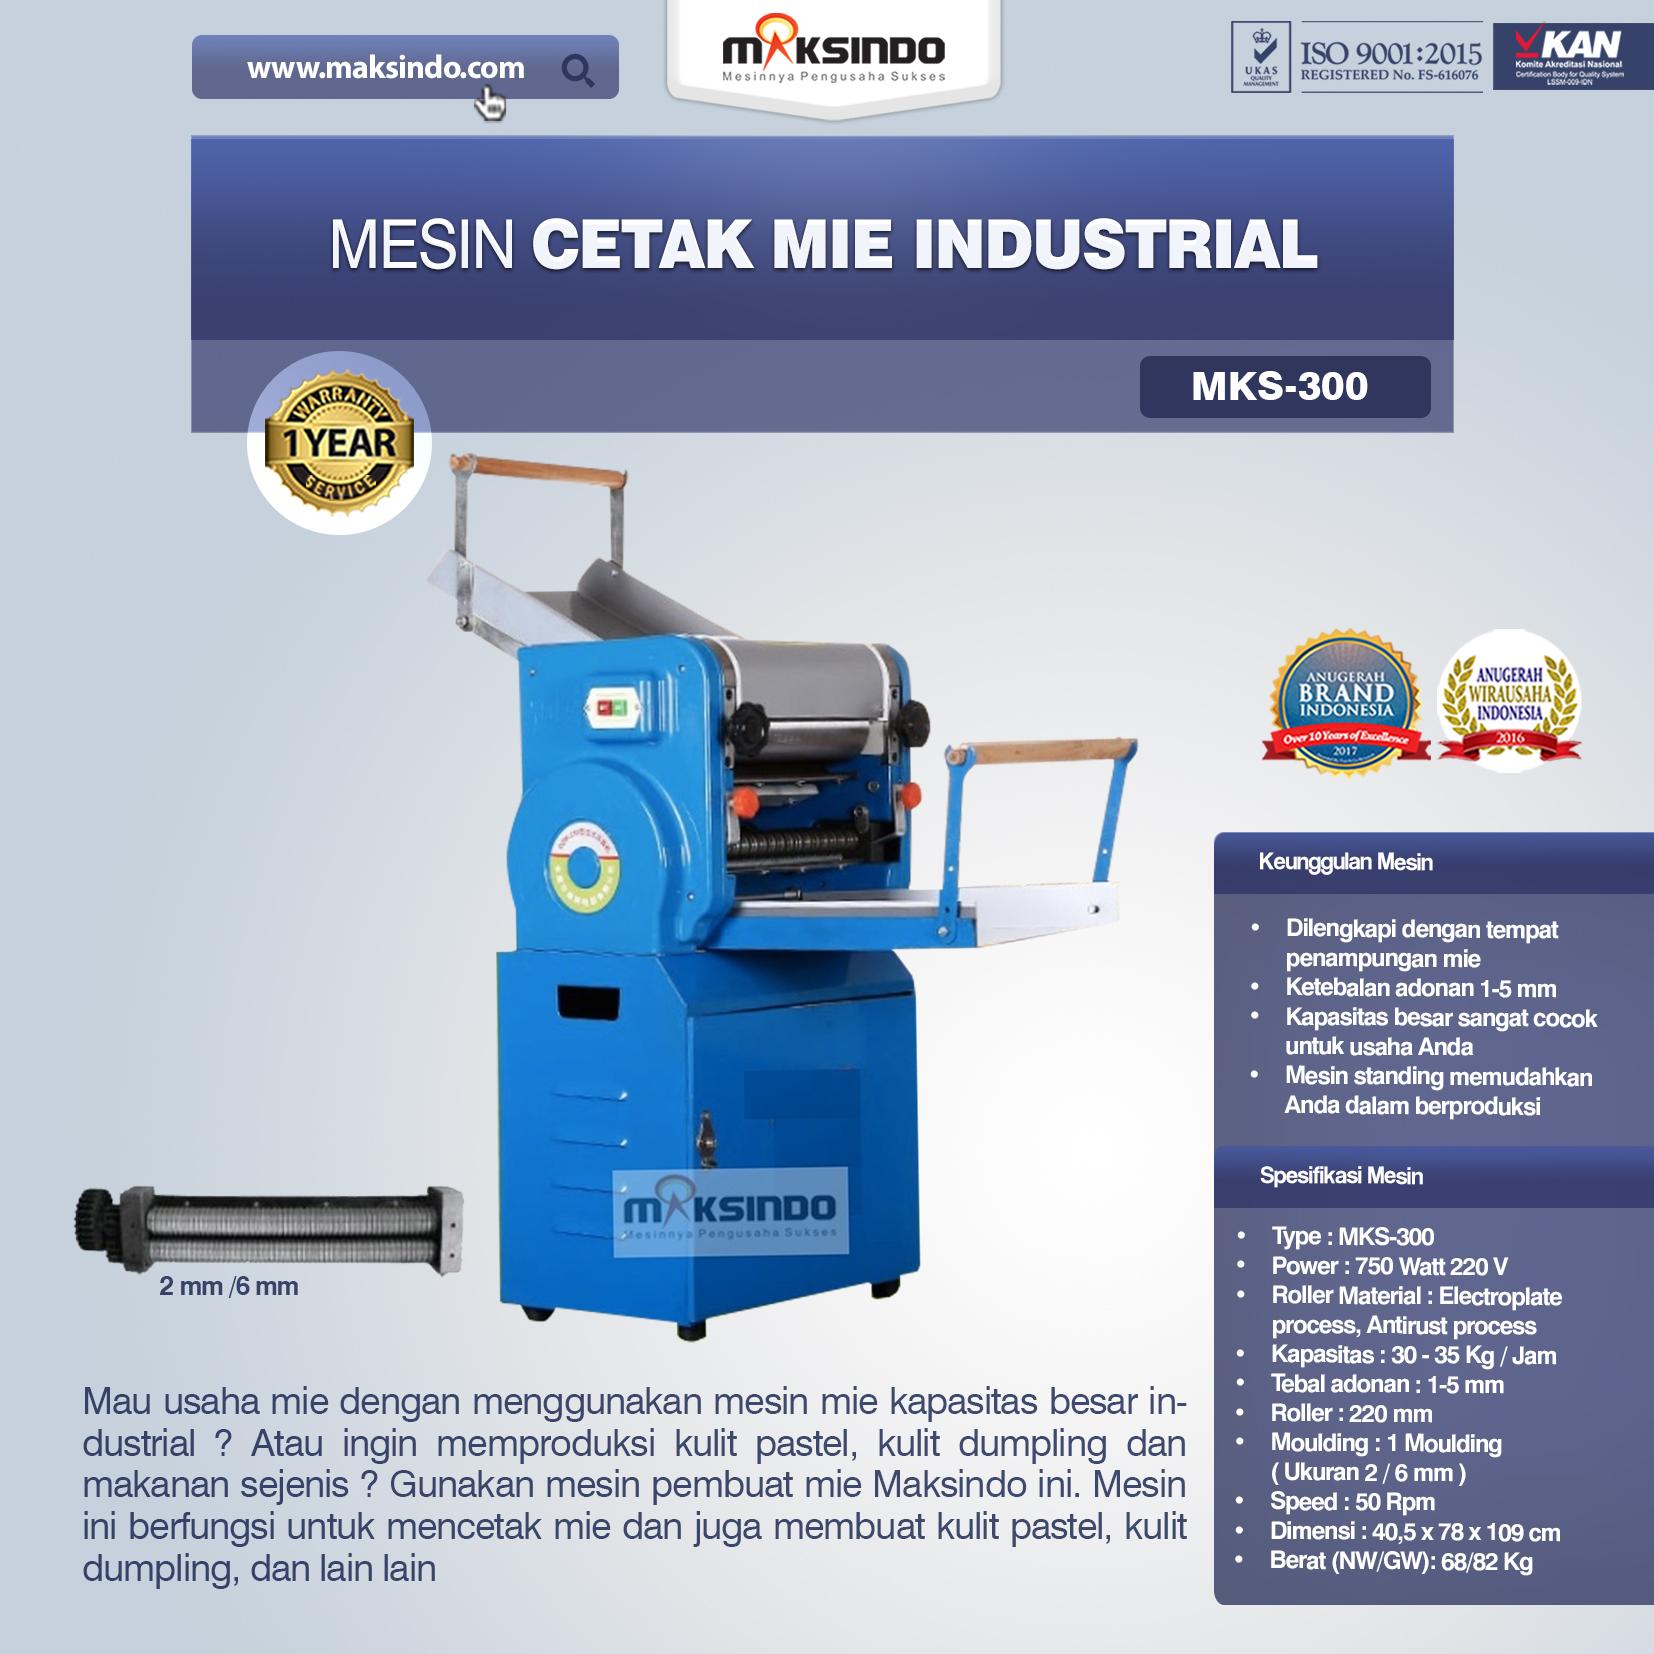 Jual Mesin Cetak Mie Industrial (MKS-300) di Malang